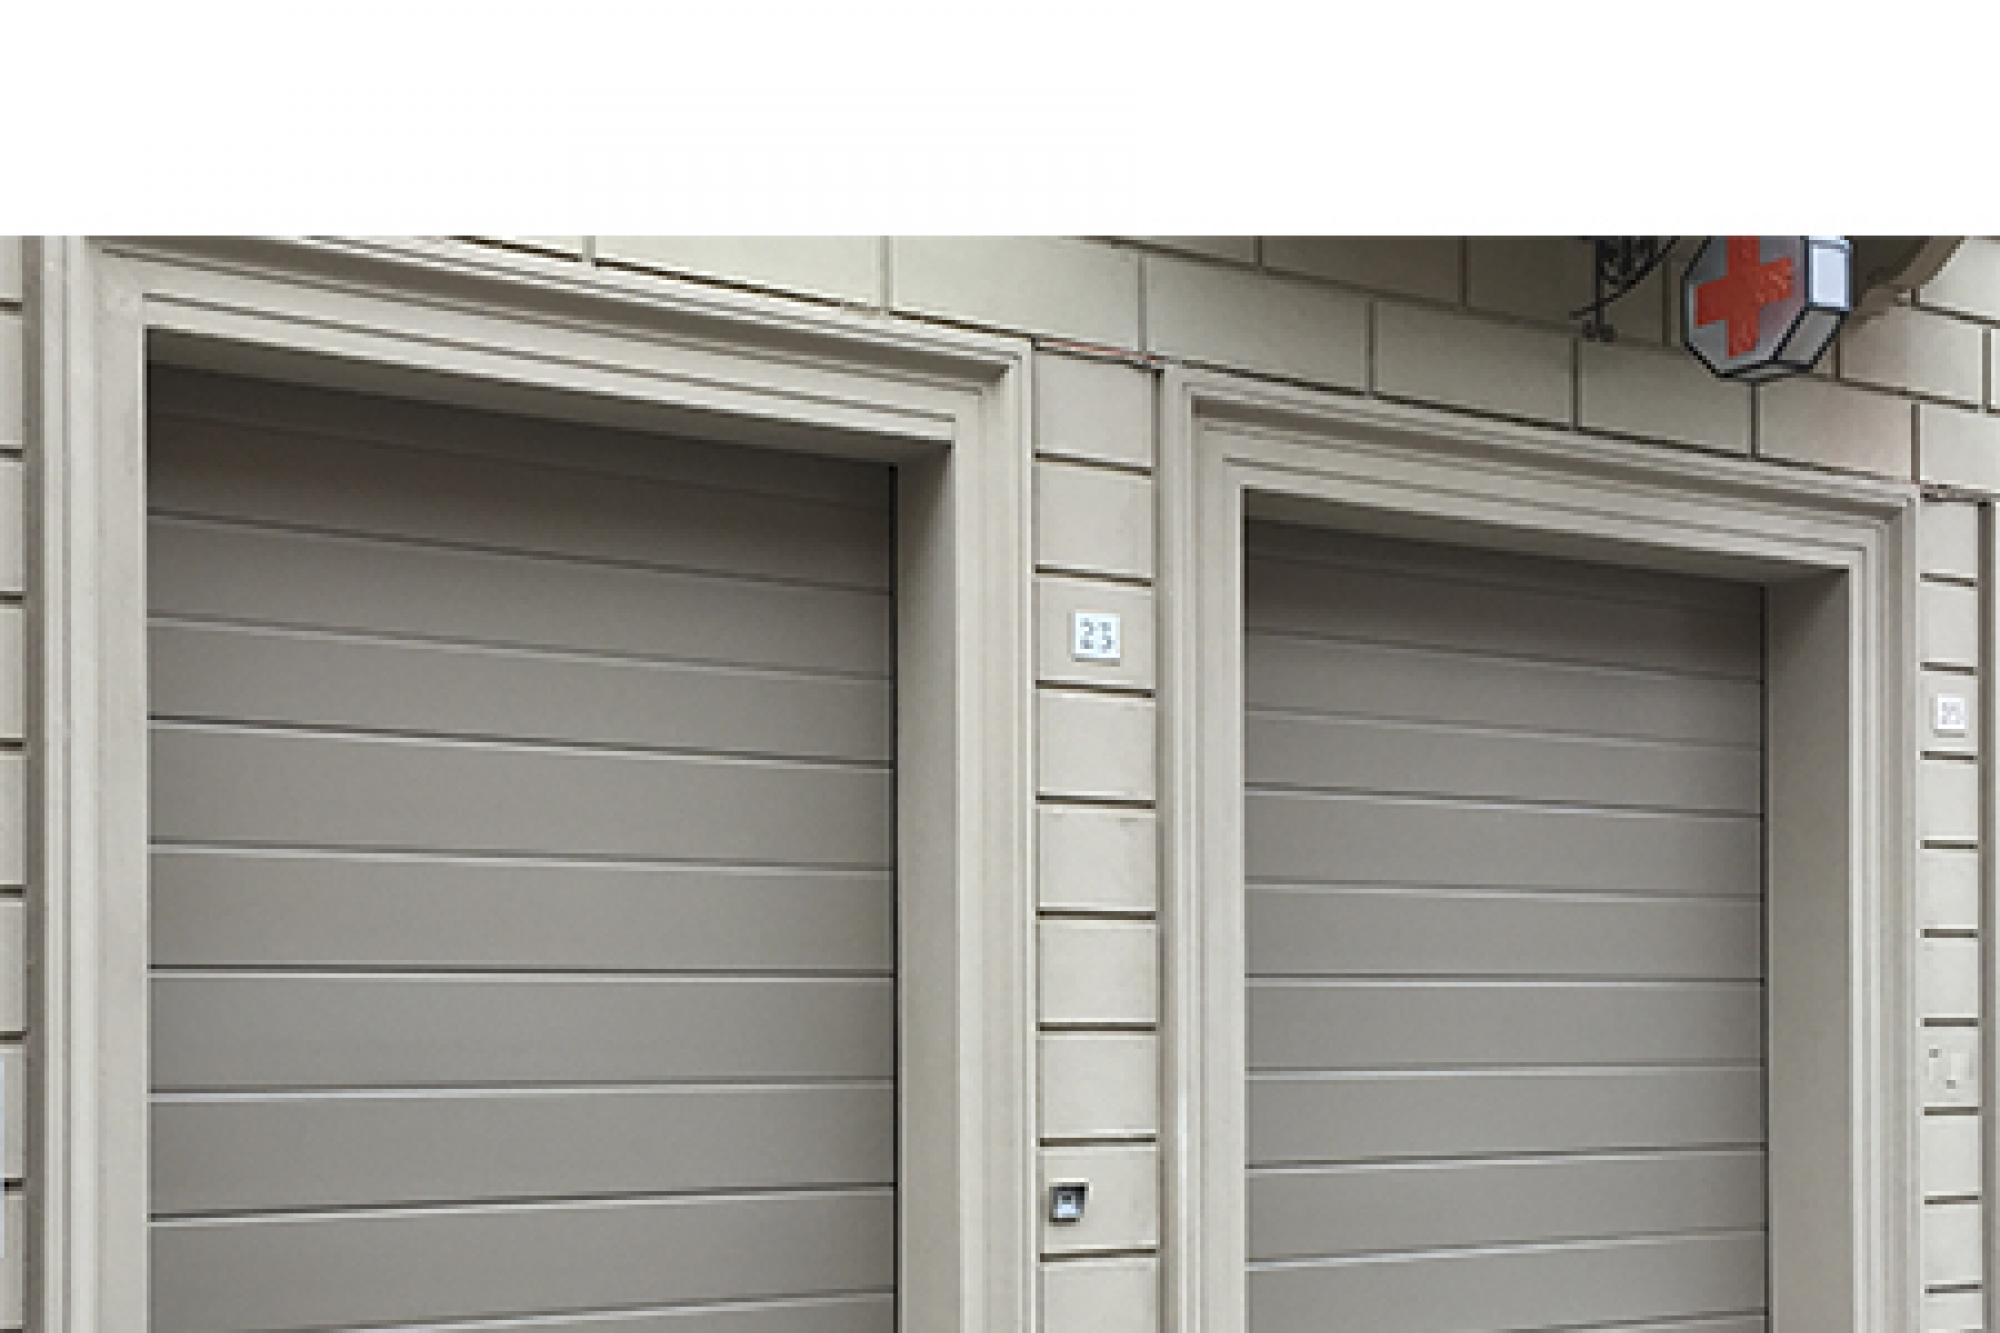 Modello lorena portone sezionale con pannello verniciato - Pannello decorativo per porte ...